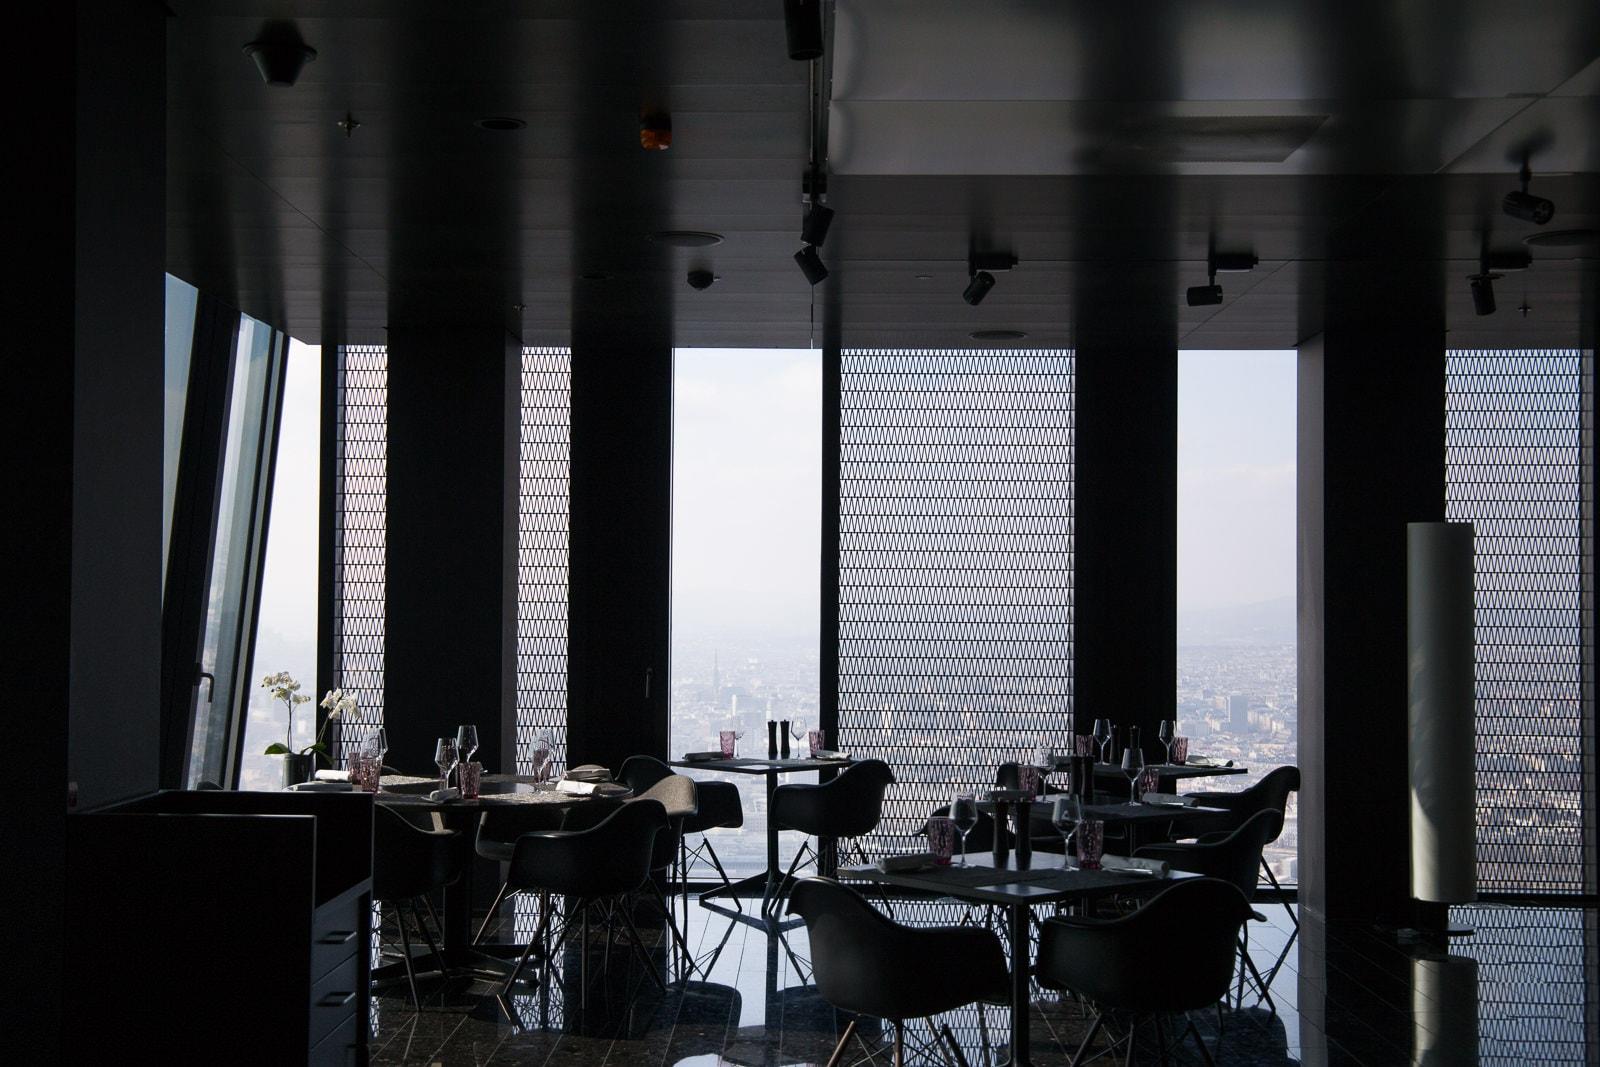 Meli vienna design hotel im 22 bezirk mit blick auf wien for 3 designhotel wien